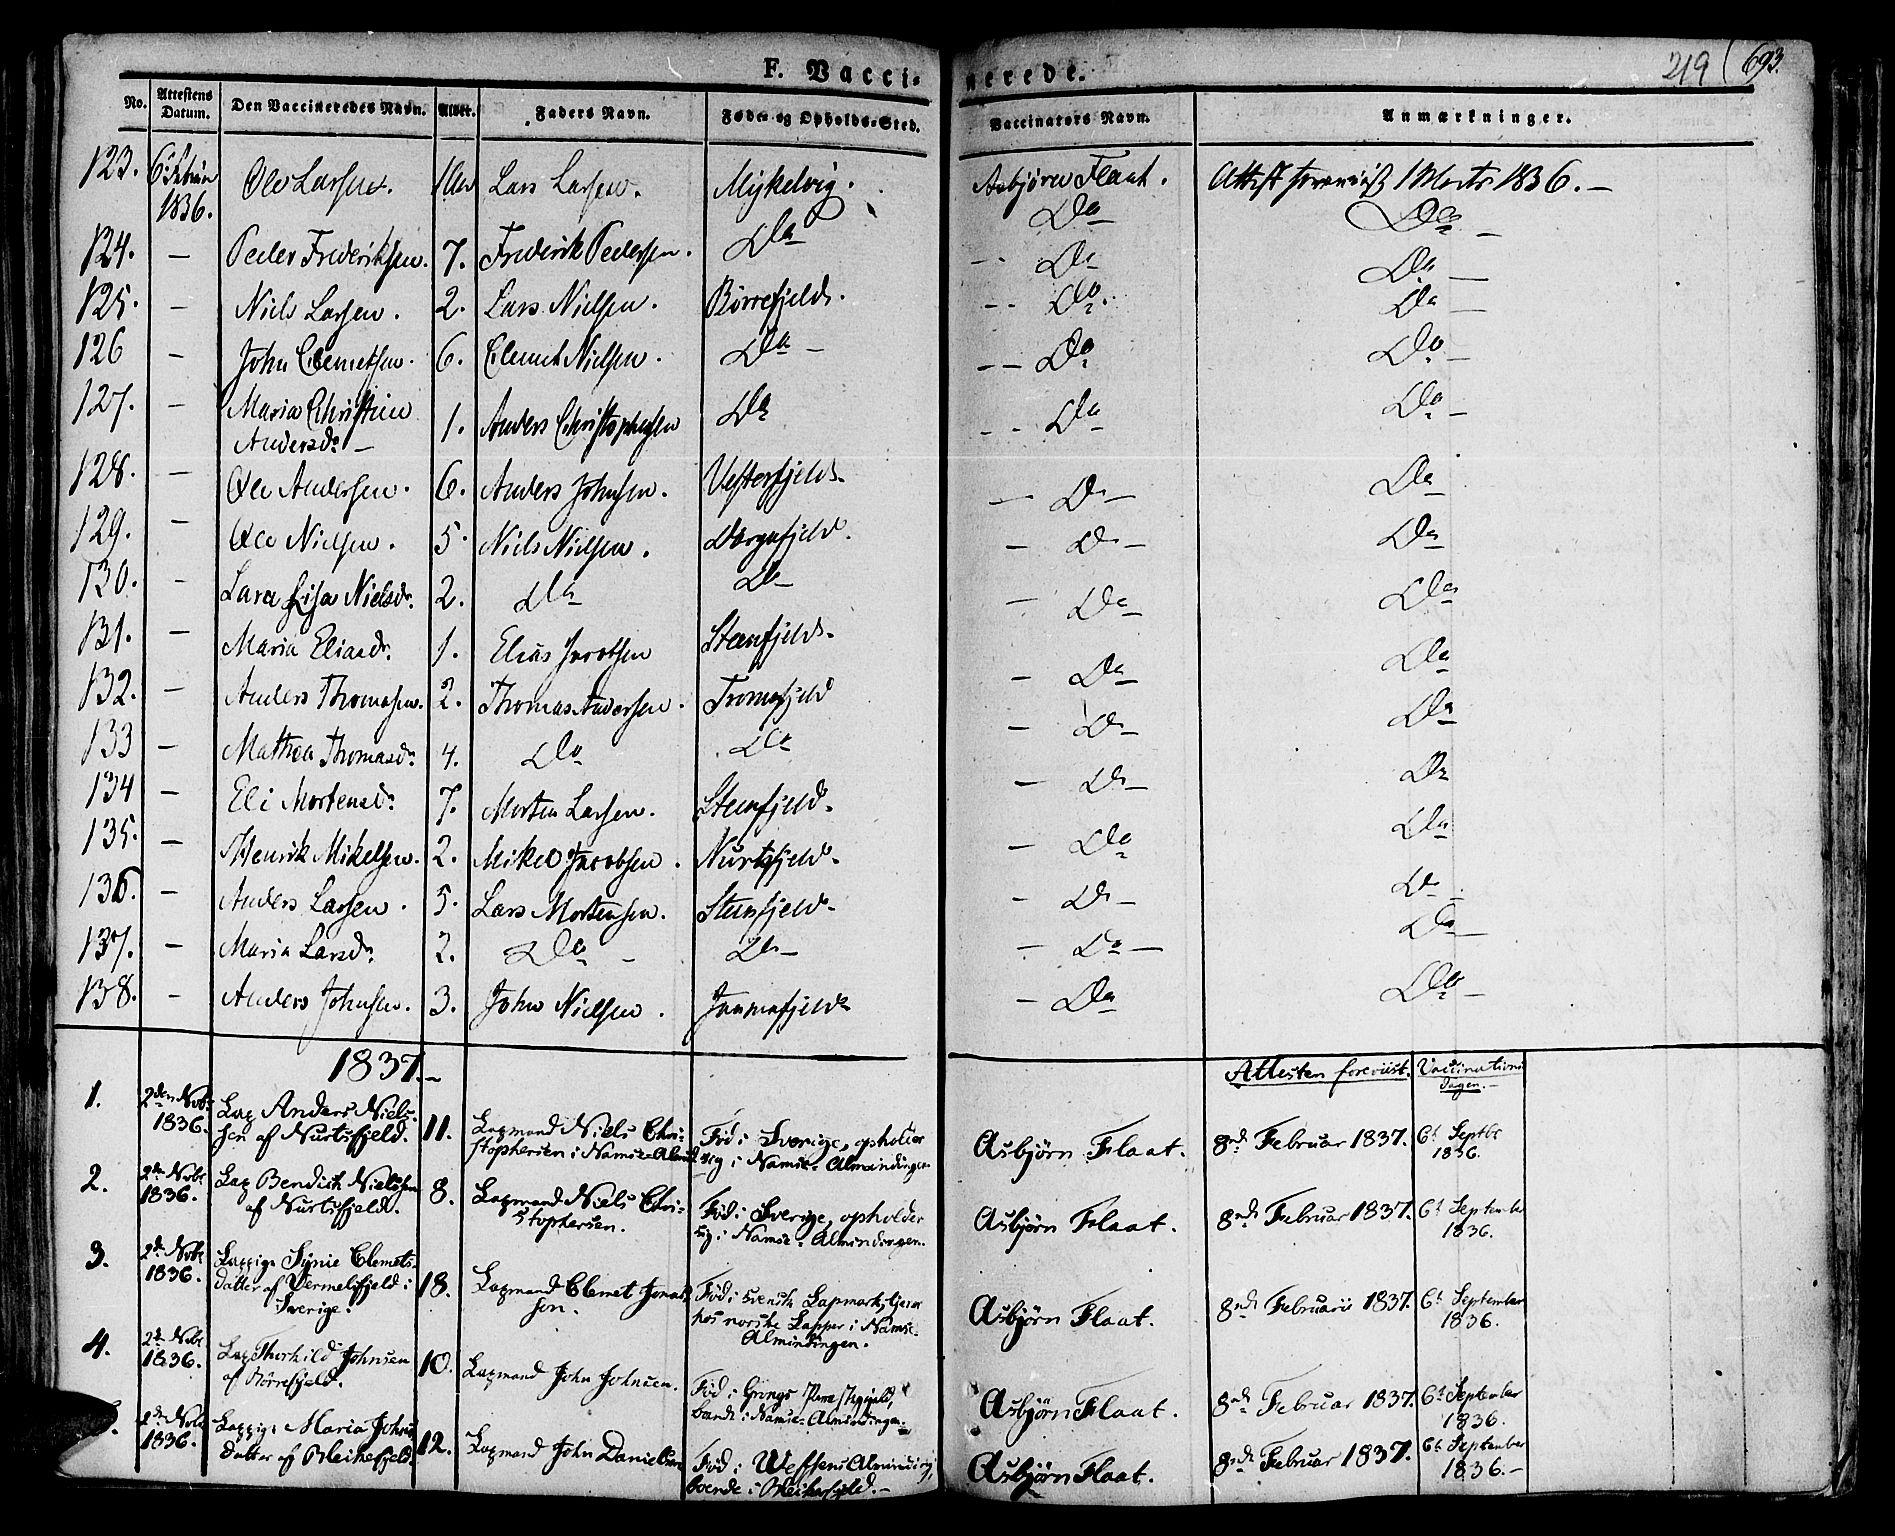 SAT, Ministerialprotokoller, klokkerbøker og fødselsregistre - Nord-Trøndelag, 758/L0510: Ministerialbok nr. 758A01 /1, 1821-1841, s. 219